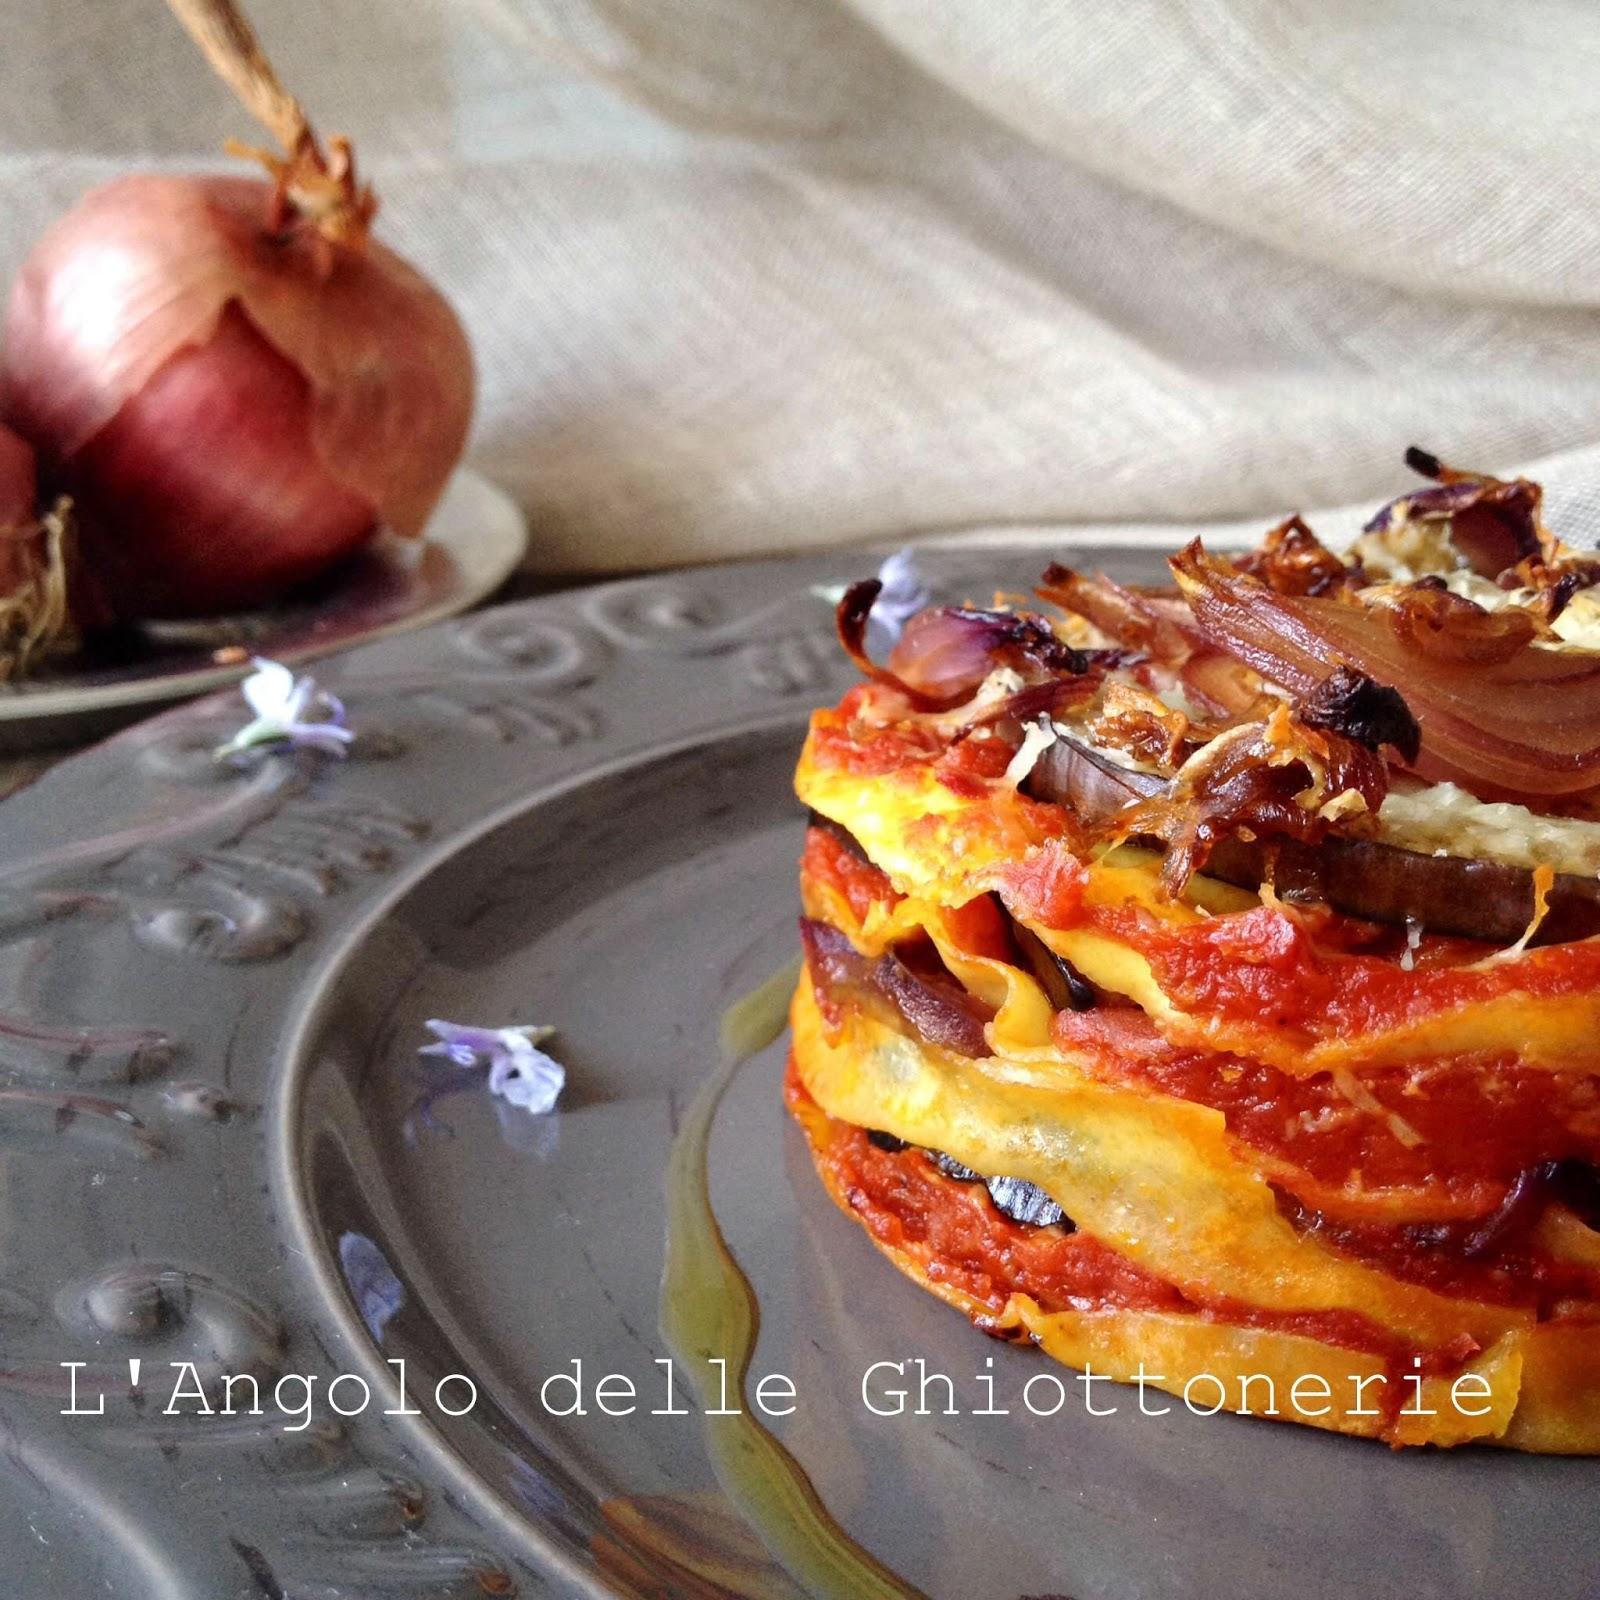 lasagne alla calabrese con 'nduja, cipolla rossa di tropea, melanzana e caciocavallo silano